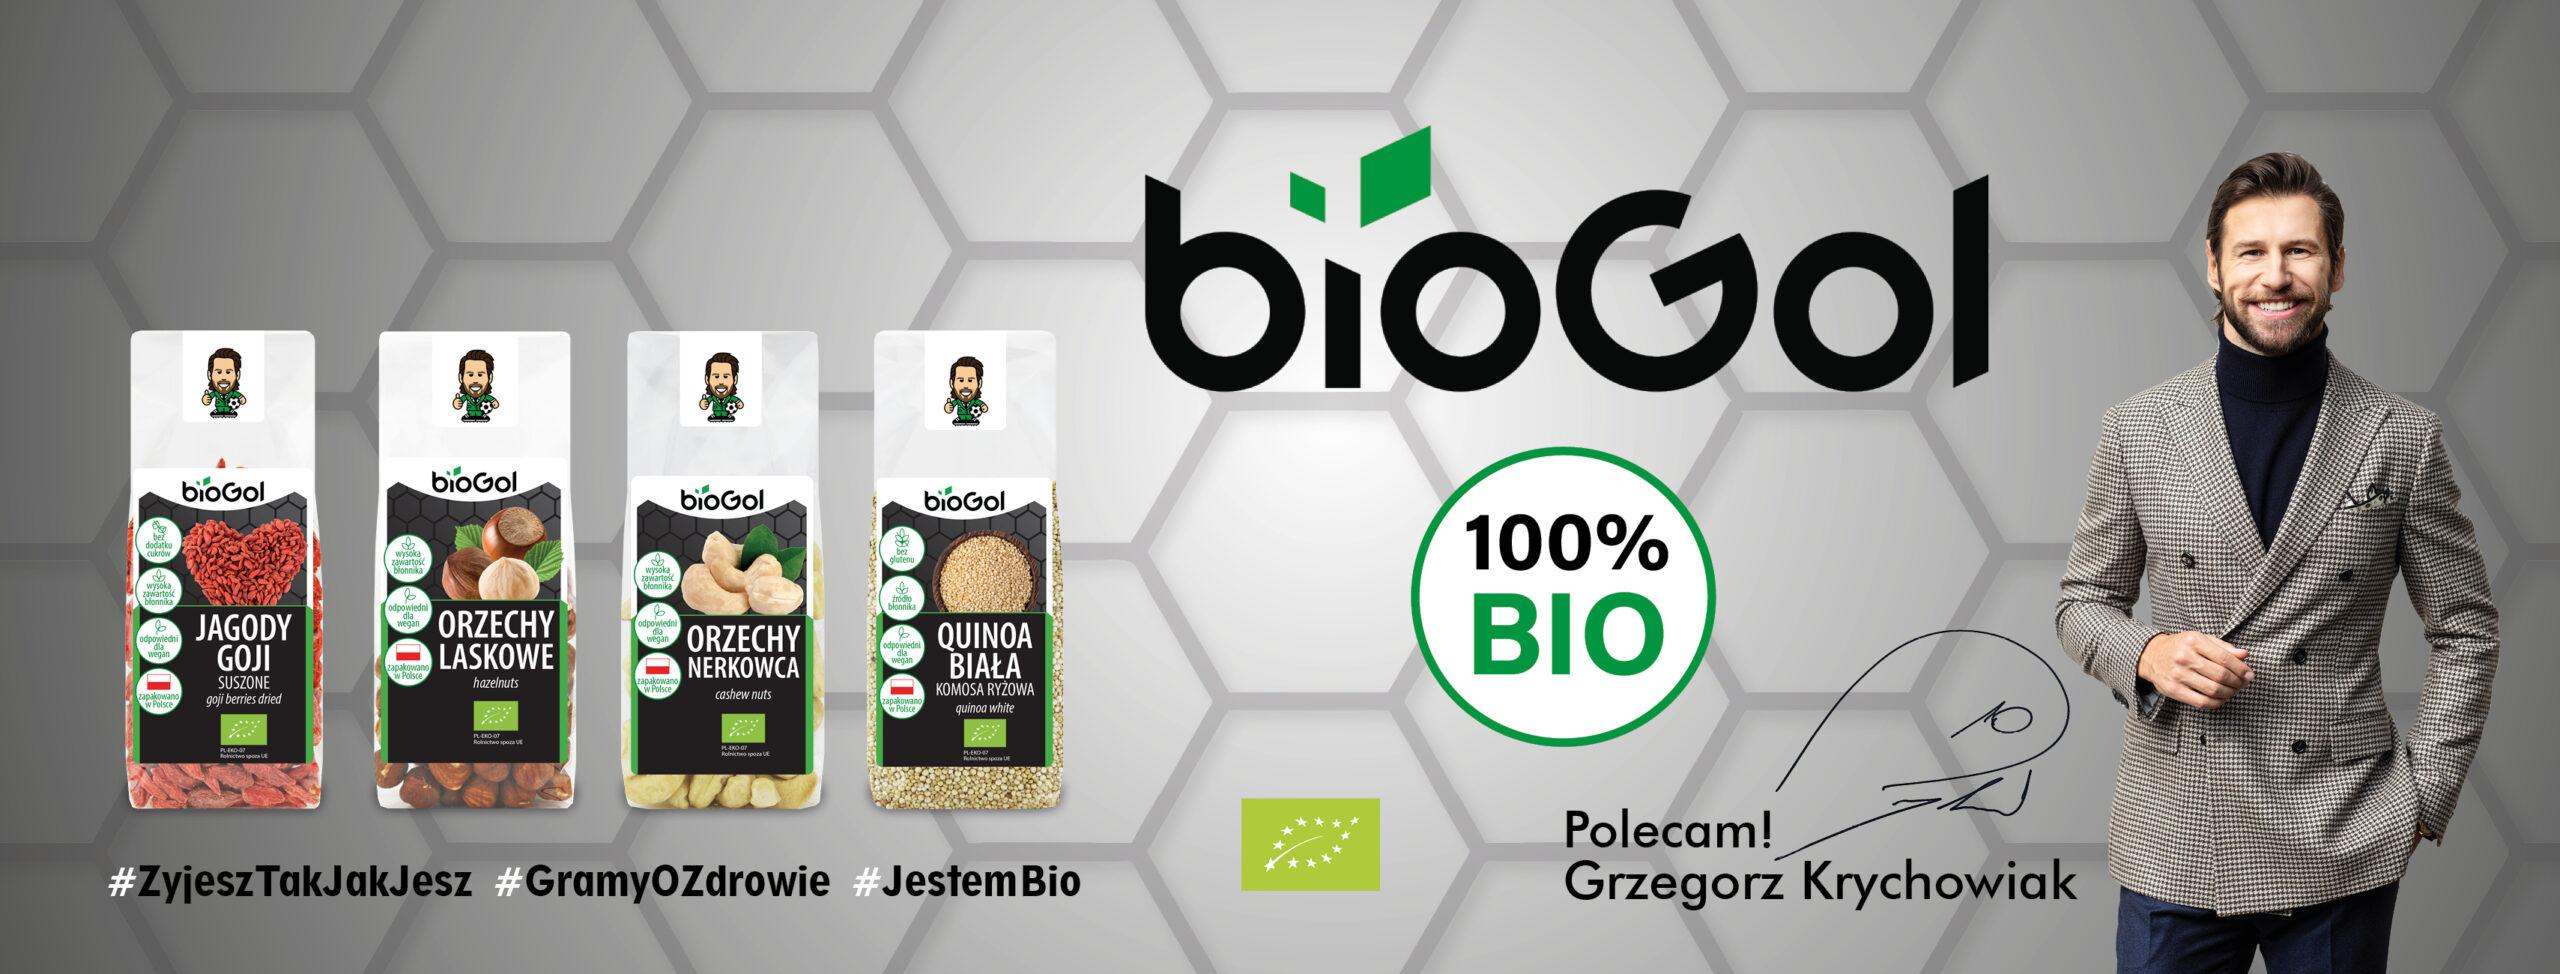 banner bioGol